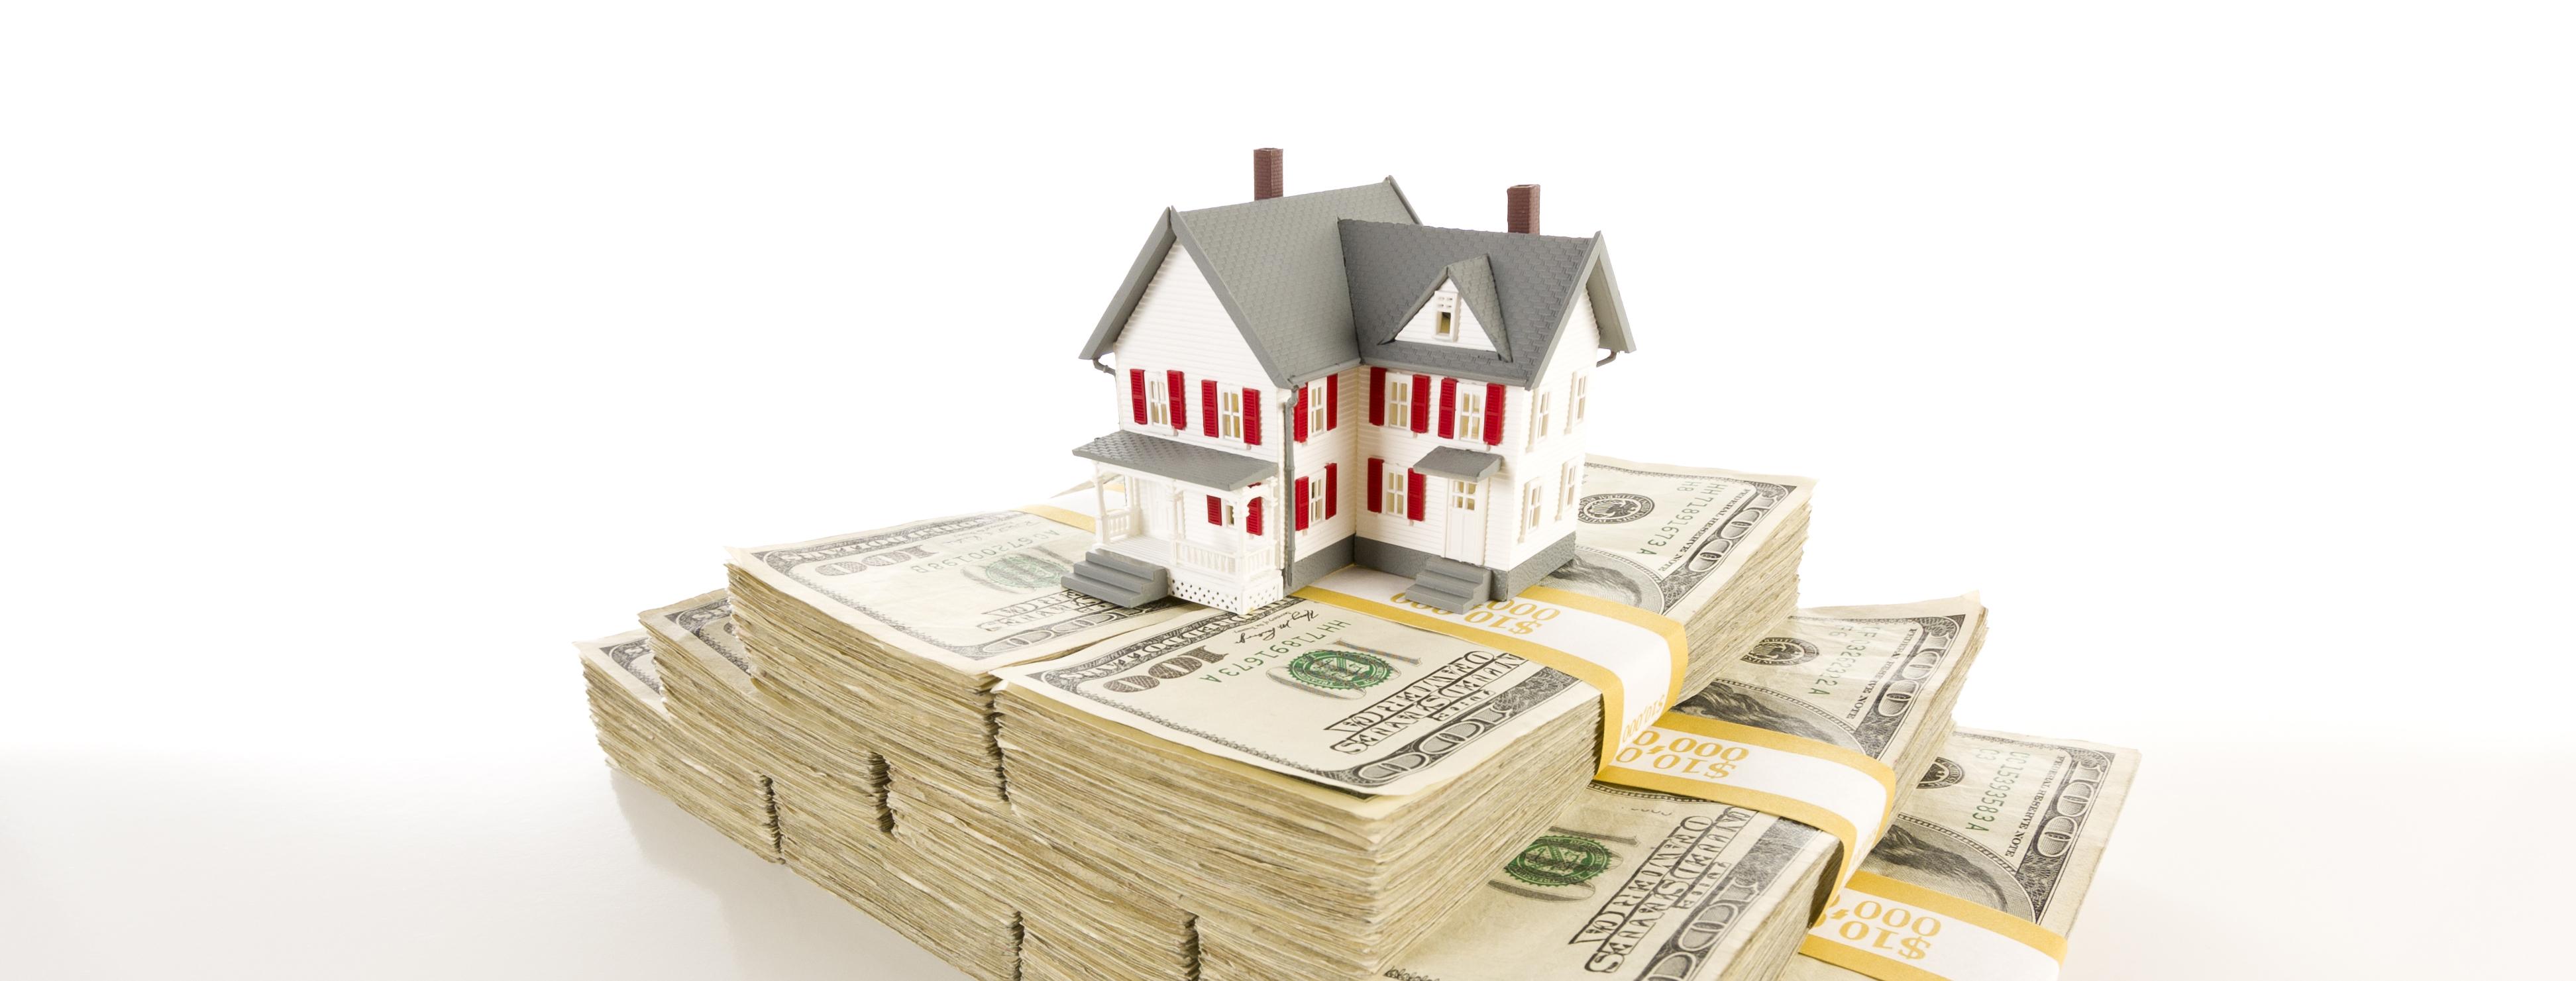 Quick online cash loans cape town image 3